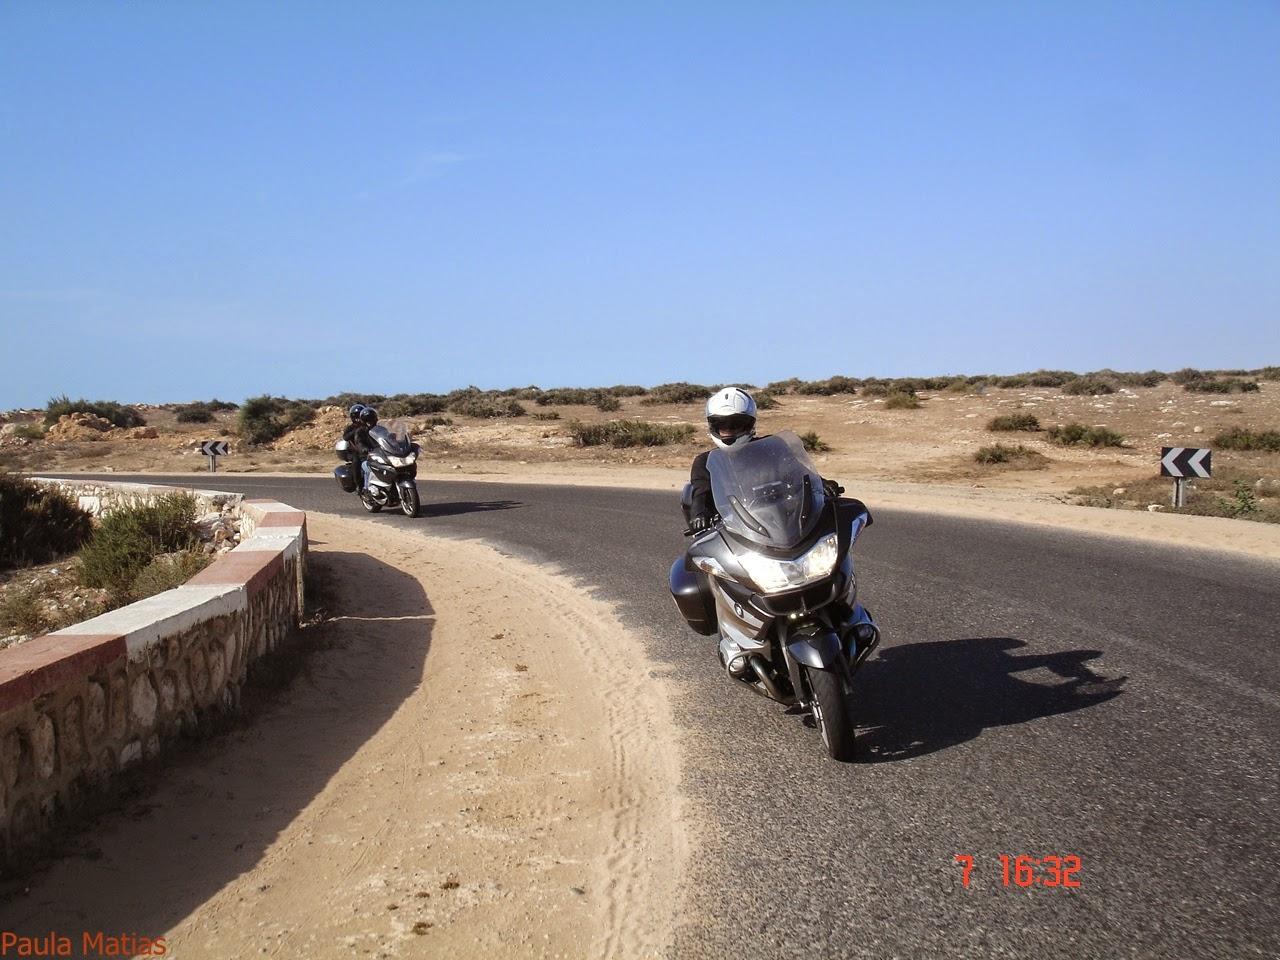 marrocos - Marrocos 2014 - O regresso  DSC03260_new